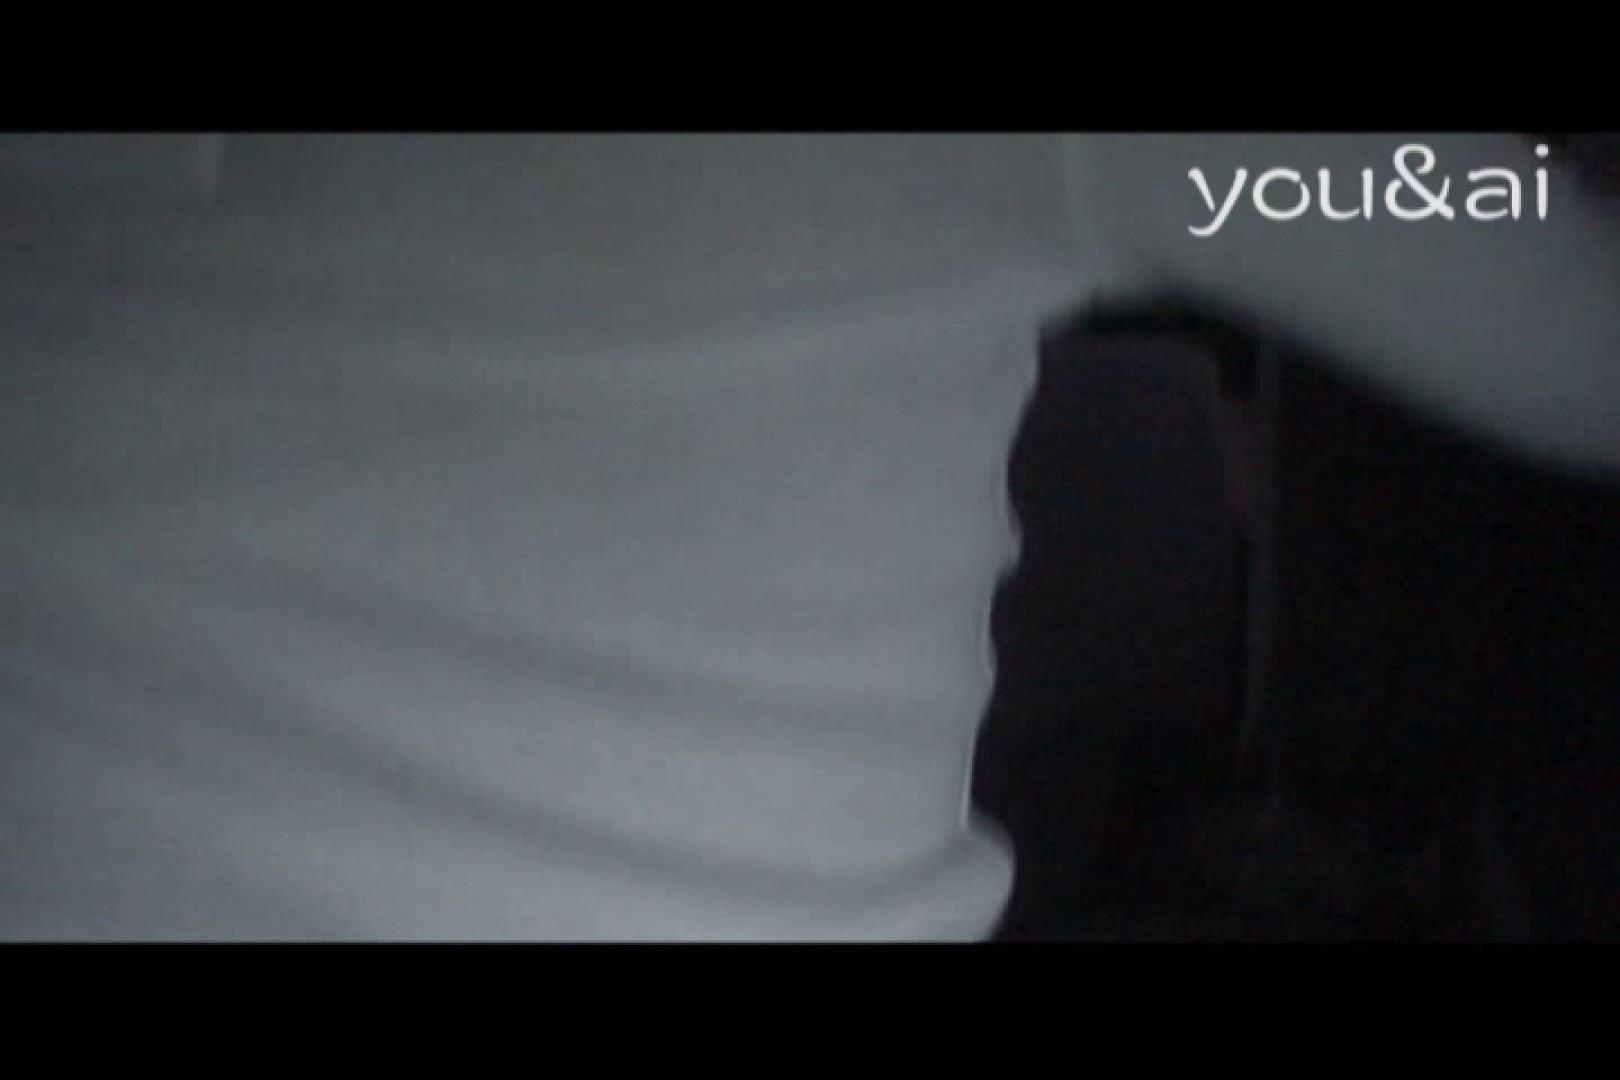 おしどり夫婦のyou&aiさん投稿作品vol.8 OL  83pic 14